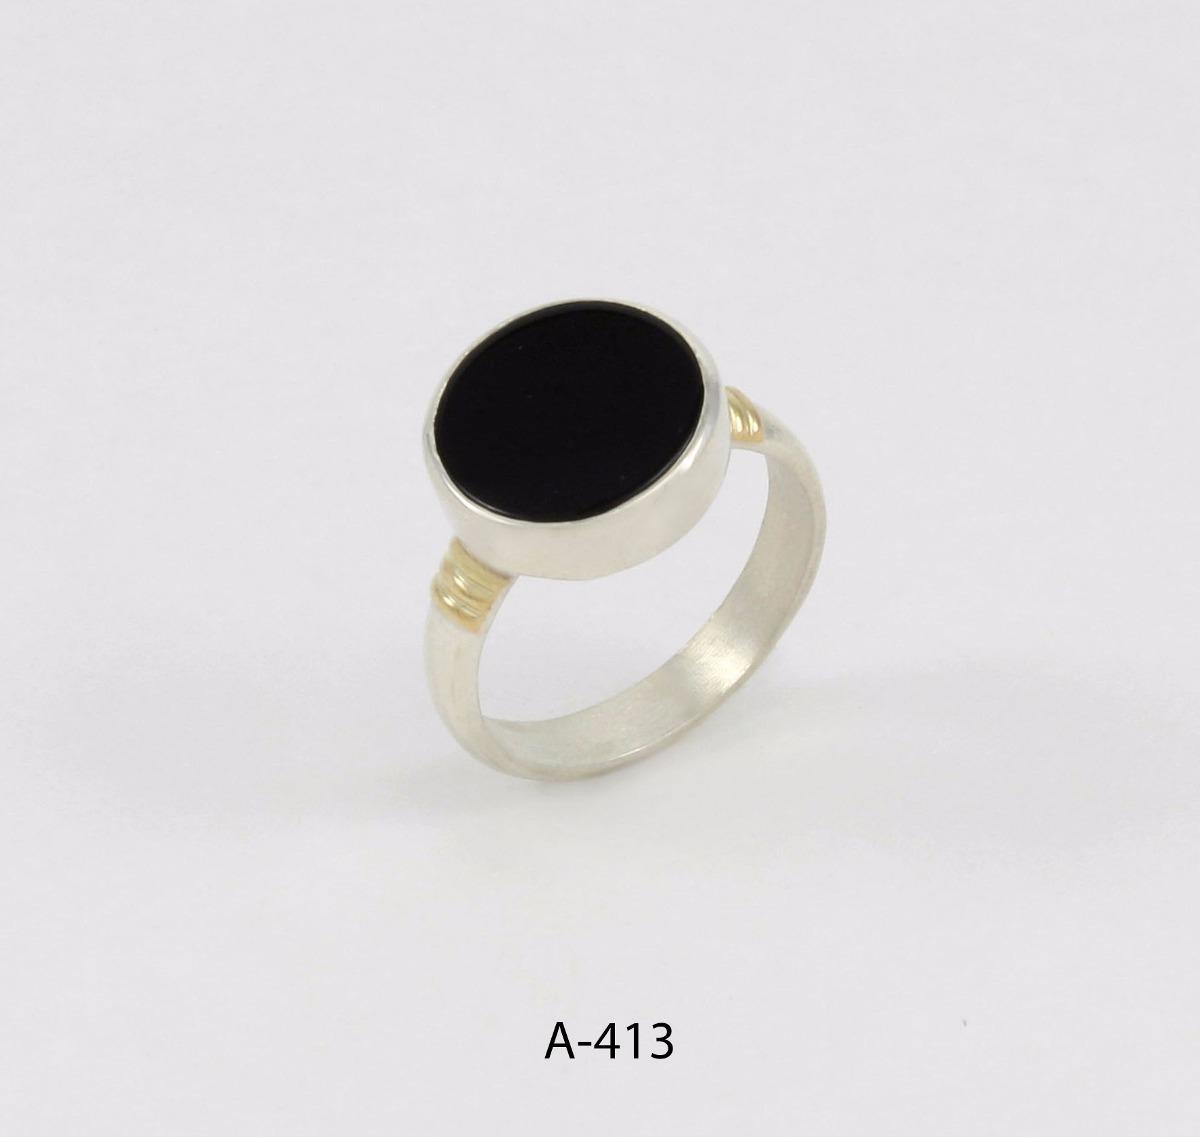 0a4535881727 anillo de plata 925 y oro codigo a413 esmaltado negro. Cargando zoom.